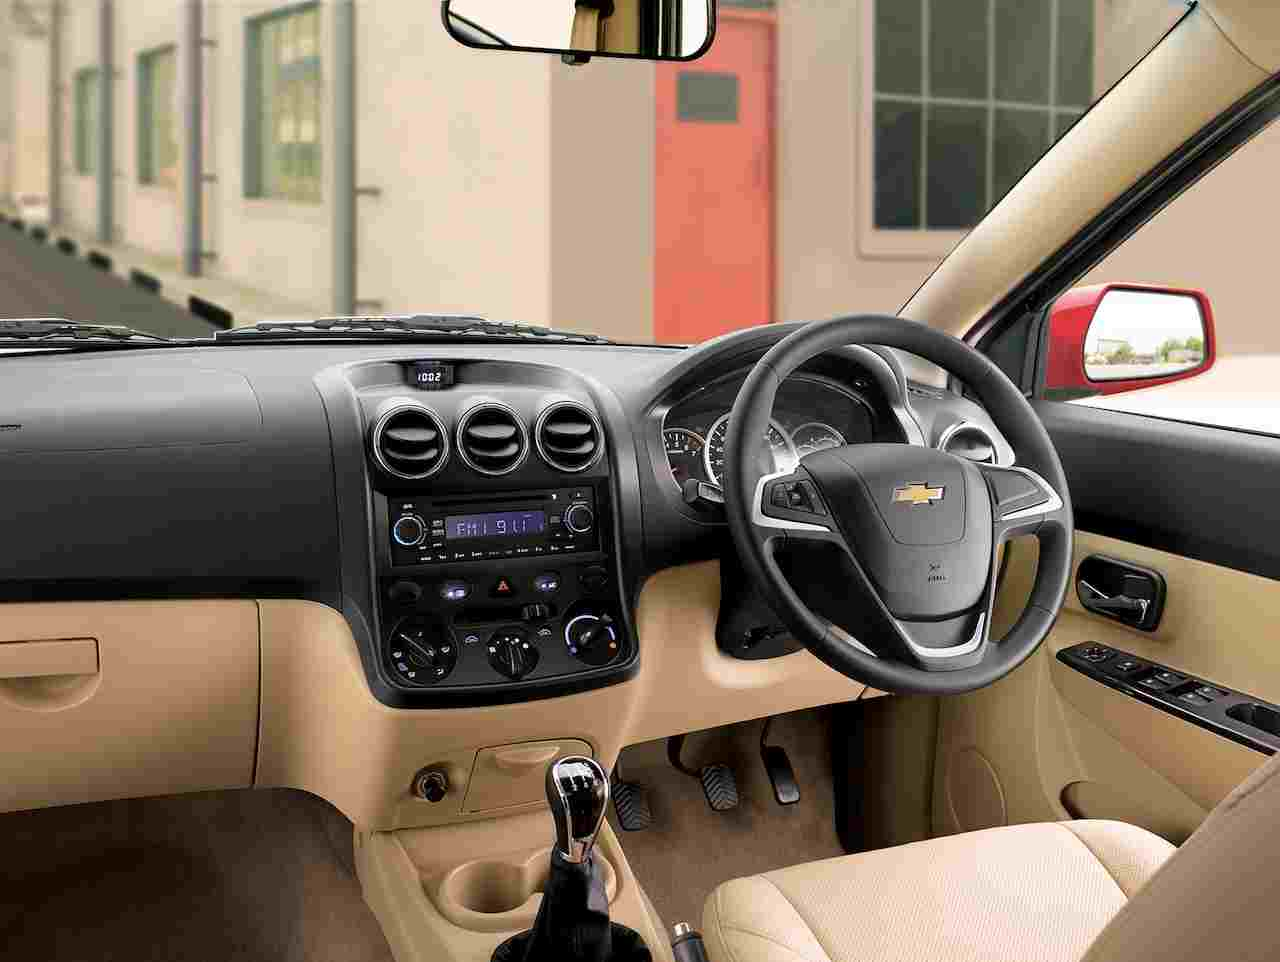 Chevrolet Enjoy 2015 Price, Mileage, Specs, Changes